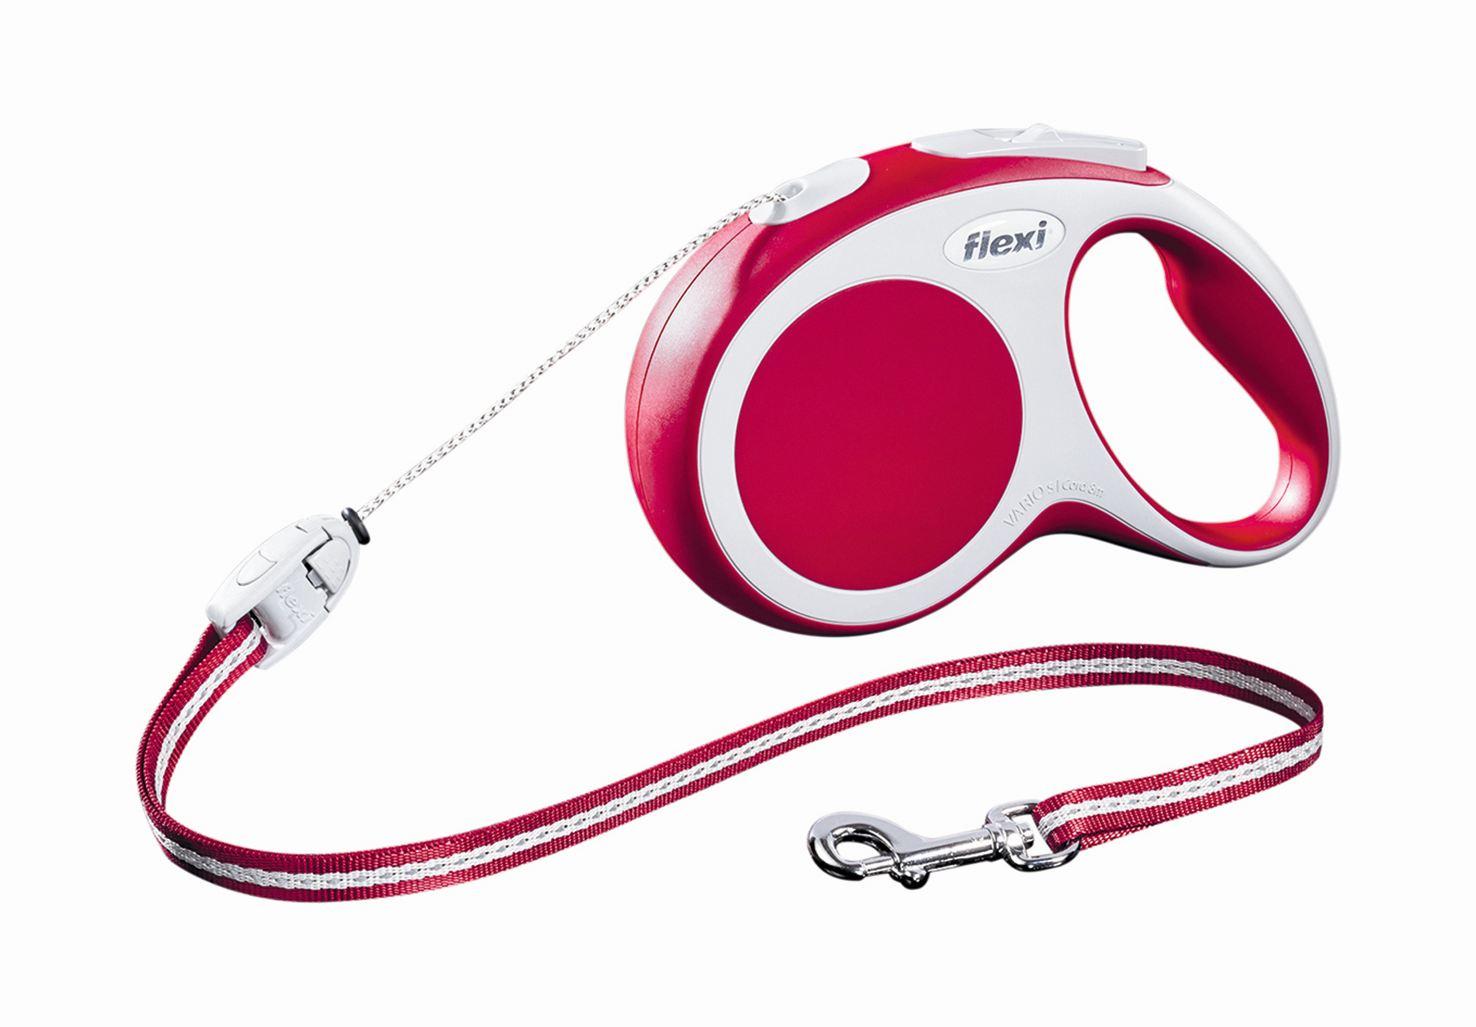 Поводок-рулетка Flexi Vario Long S для собак до 12 кг, цвет: красный, 8 м0120710Поводок-рулетка Flexi Vario Long S изготовлен из пластика и нейлона. Тросовый поводок обеспечивает каждой собаке свободу движения, что идет на пользу здоровью и радует вашего четвероногого друга. Рулетка очень проста в использовании, оснащена кнопками кратковременной и постоянной фиксации. Ее можно оснастить - мультибоксом для лакомств или пакетиков для сбора фекалий, LED подсветкой корпуса, своркой или ремнем с LED подсветкой. Поводок имеет прочный корпус, хромированную застежку и светоотражающие элементы.Длина поводка: 8 м. Максимальная нагрузка: 12 кг.Товар сертифицирован.